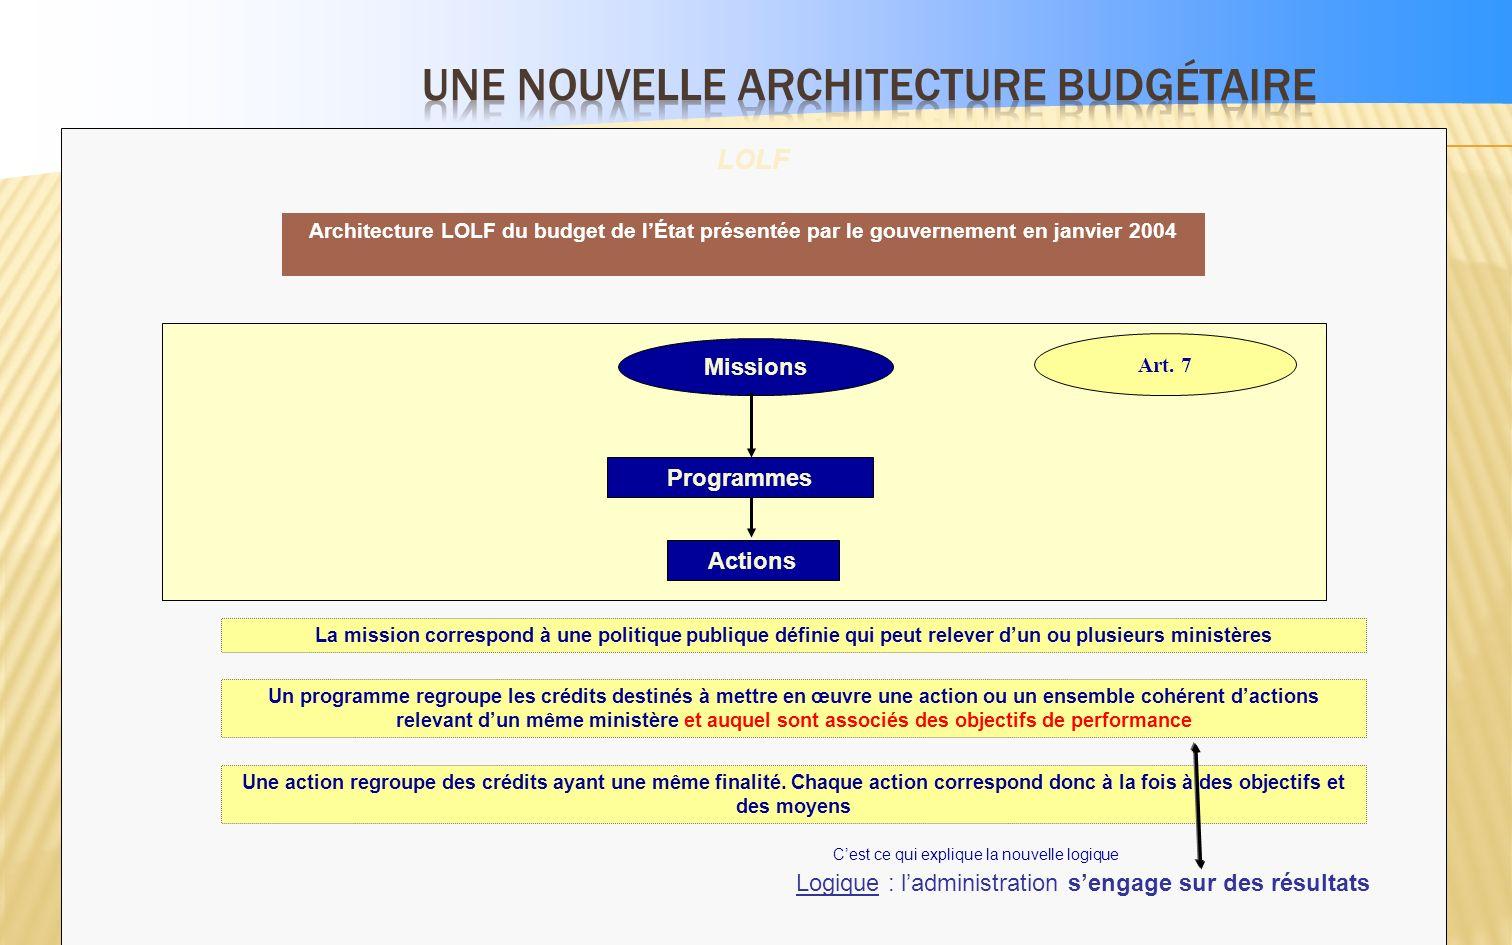 Une nouvelle architecture budgétaire